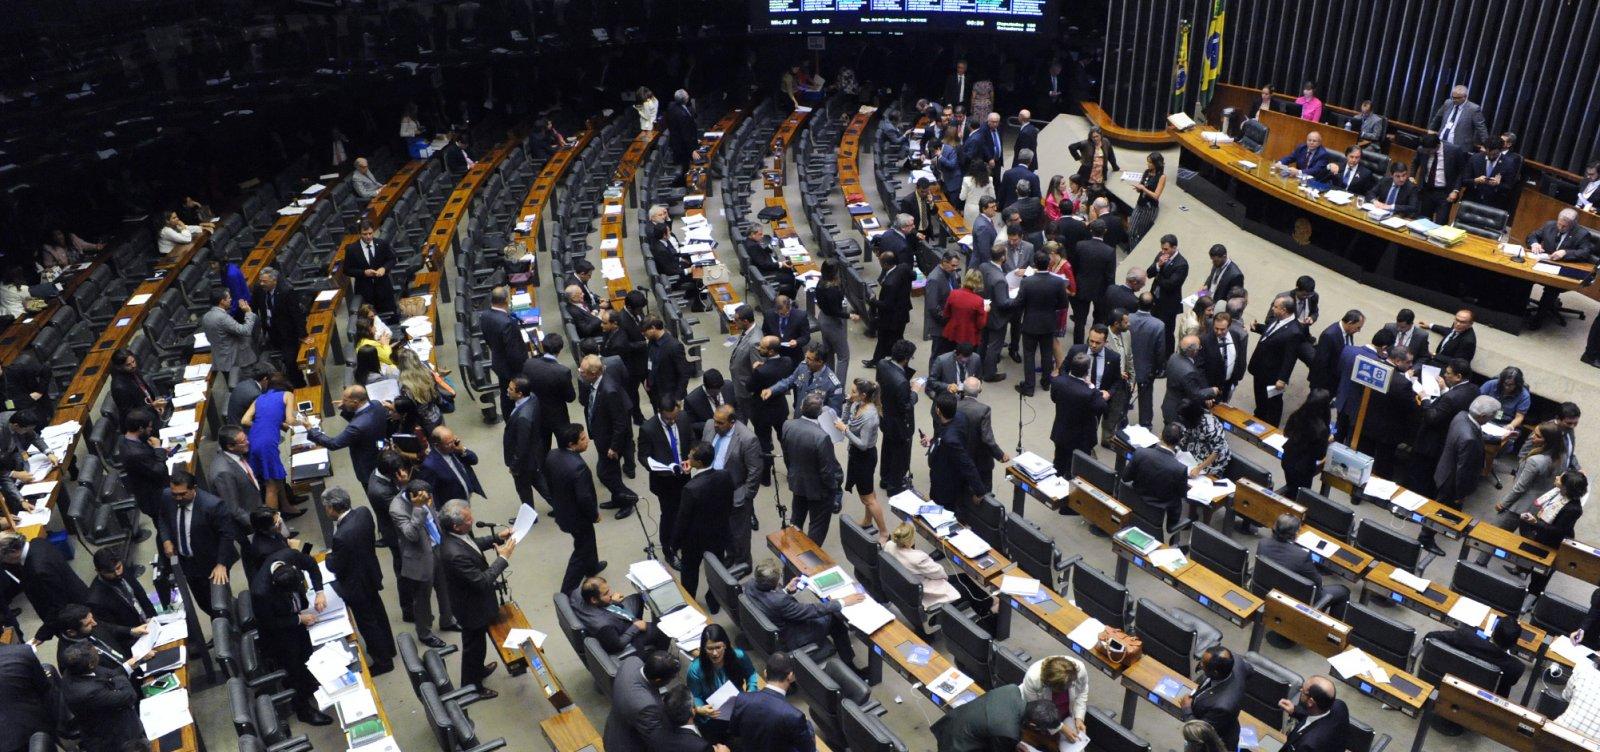 [Placar da Previdência: Veja quais parlamentares baianos são a favor da reforma]